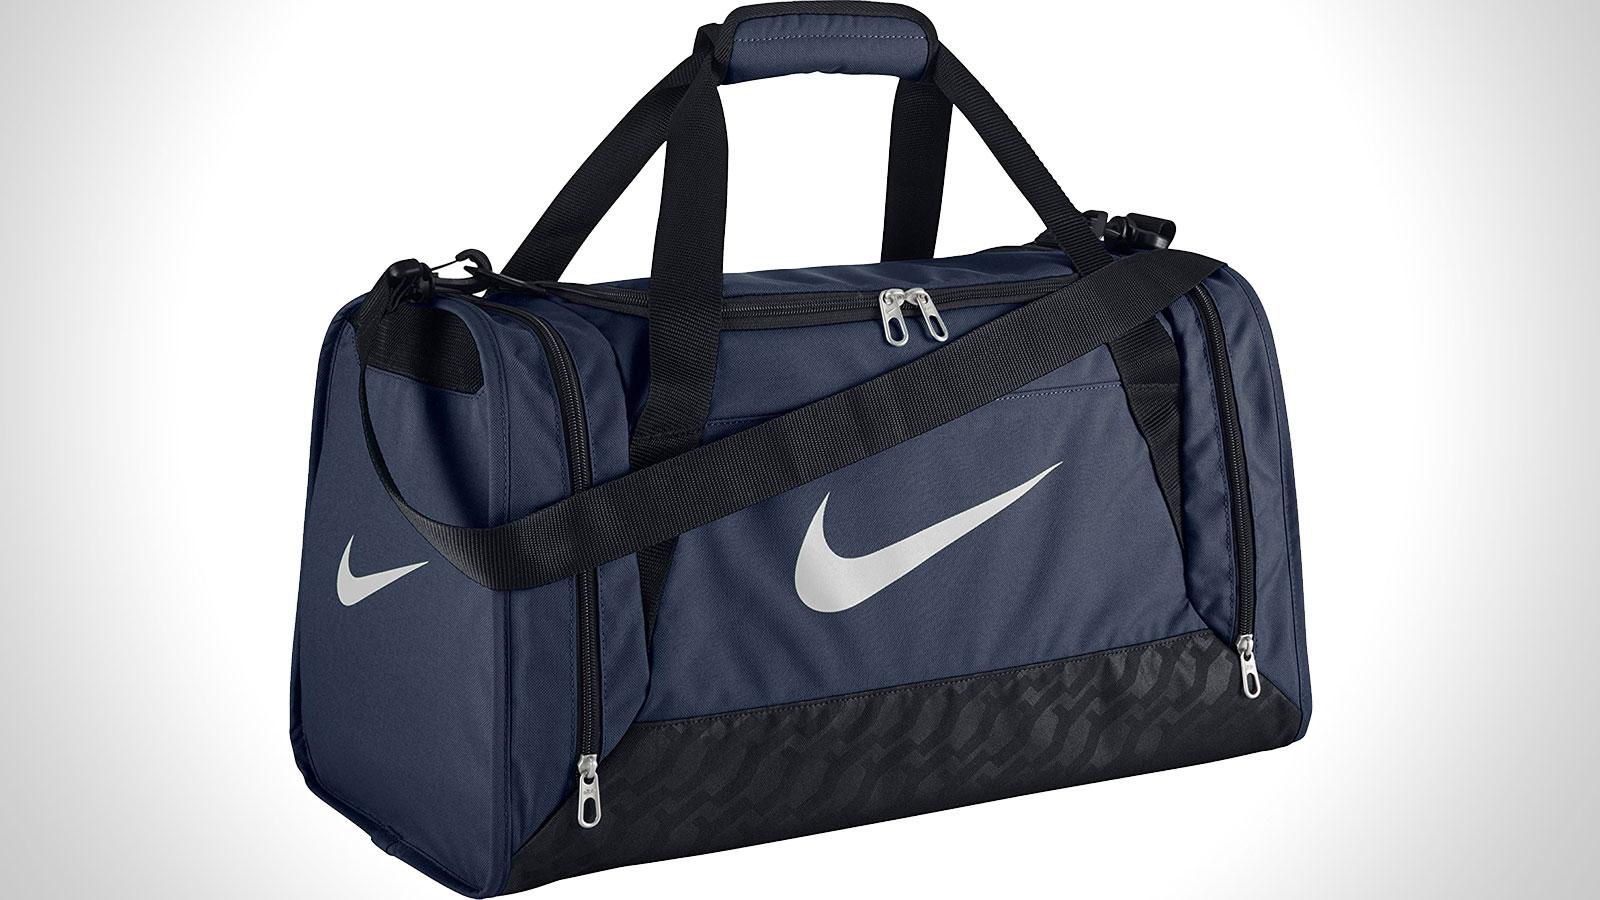 Nike Brasilia 6 Gym Duffel Bag | best mens gym duffle bag